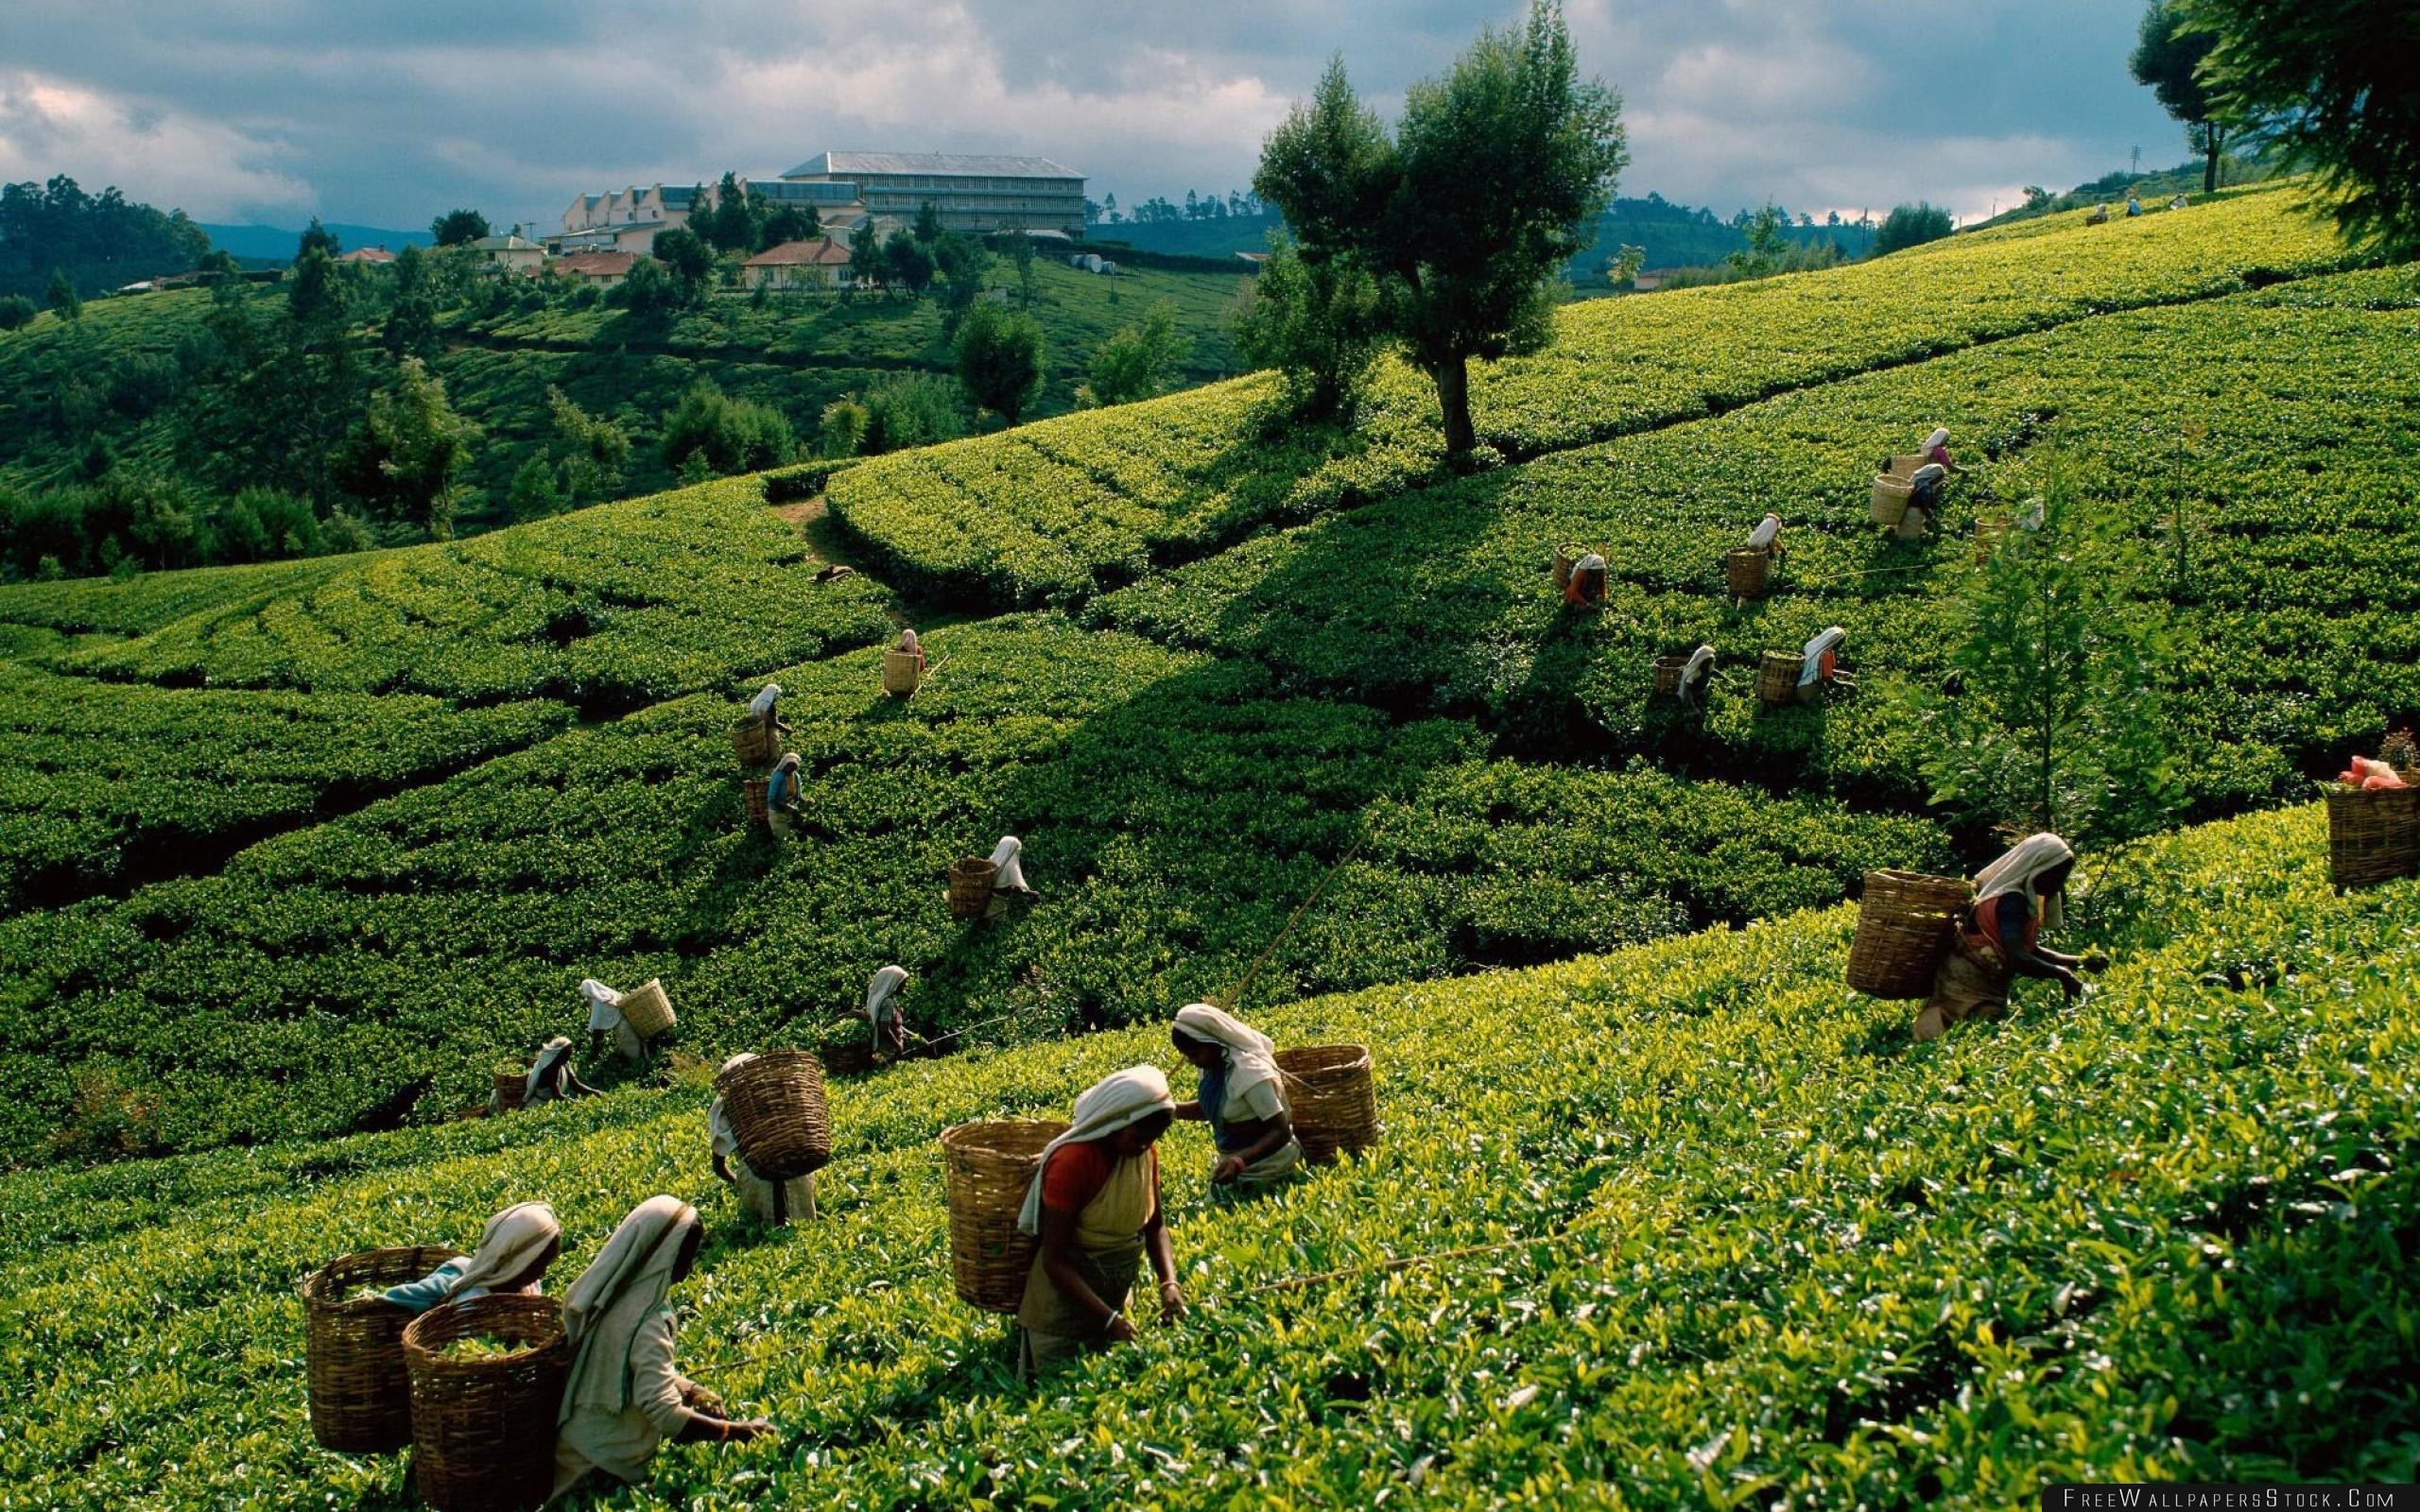 Download Free Wallpaper Tea Plantations Fields Working Women Gathering